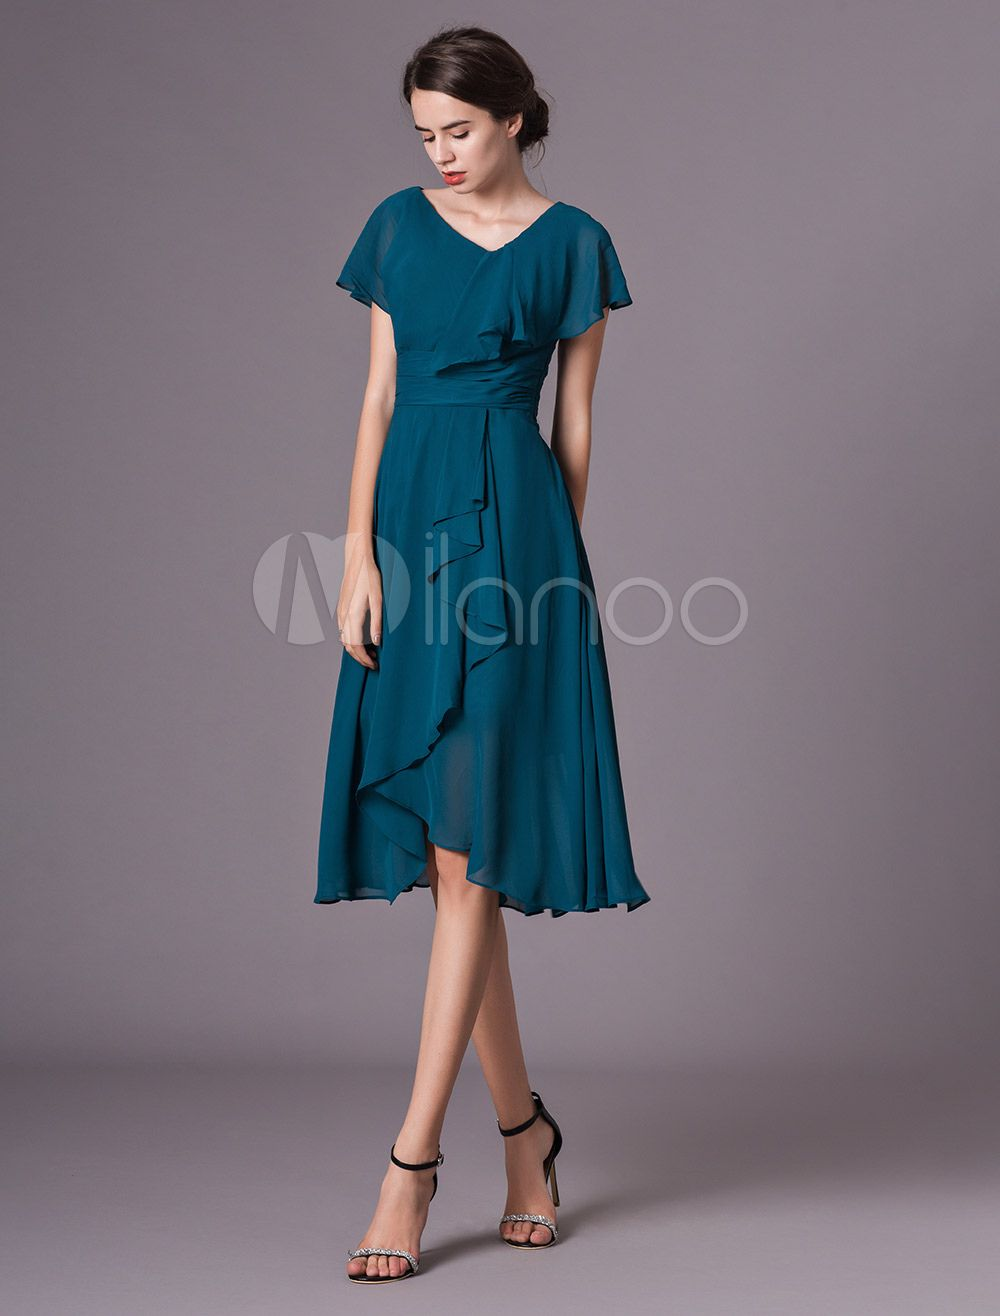 0c6d4a6b277 Wedding Guest Dress Ink Blue Short Sleeve V Neck Chiffon Ruffles Mother  Dress